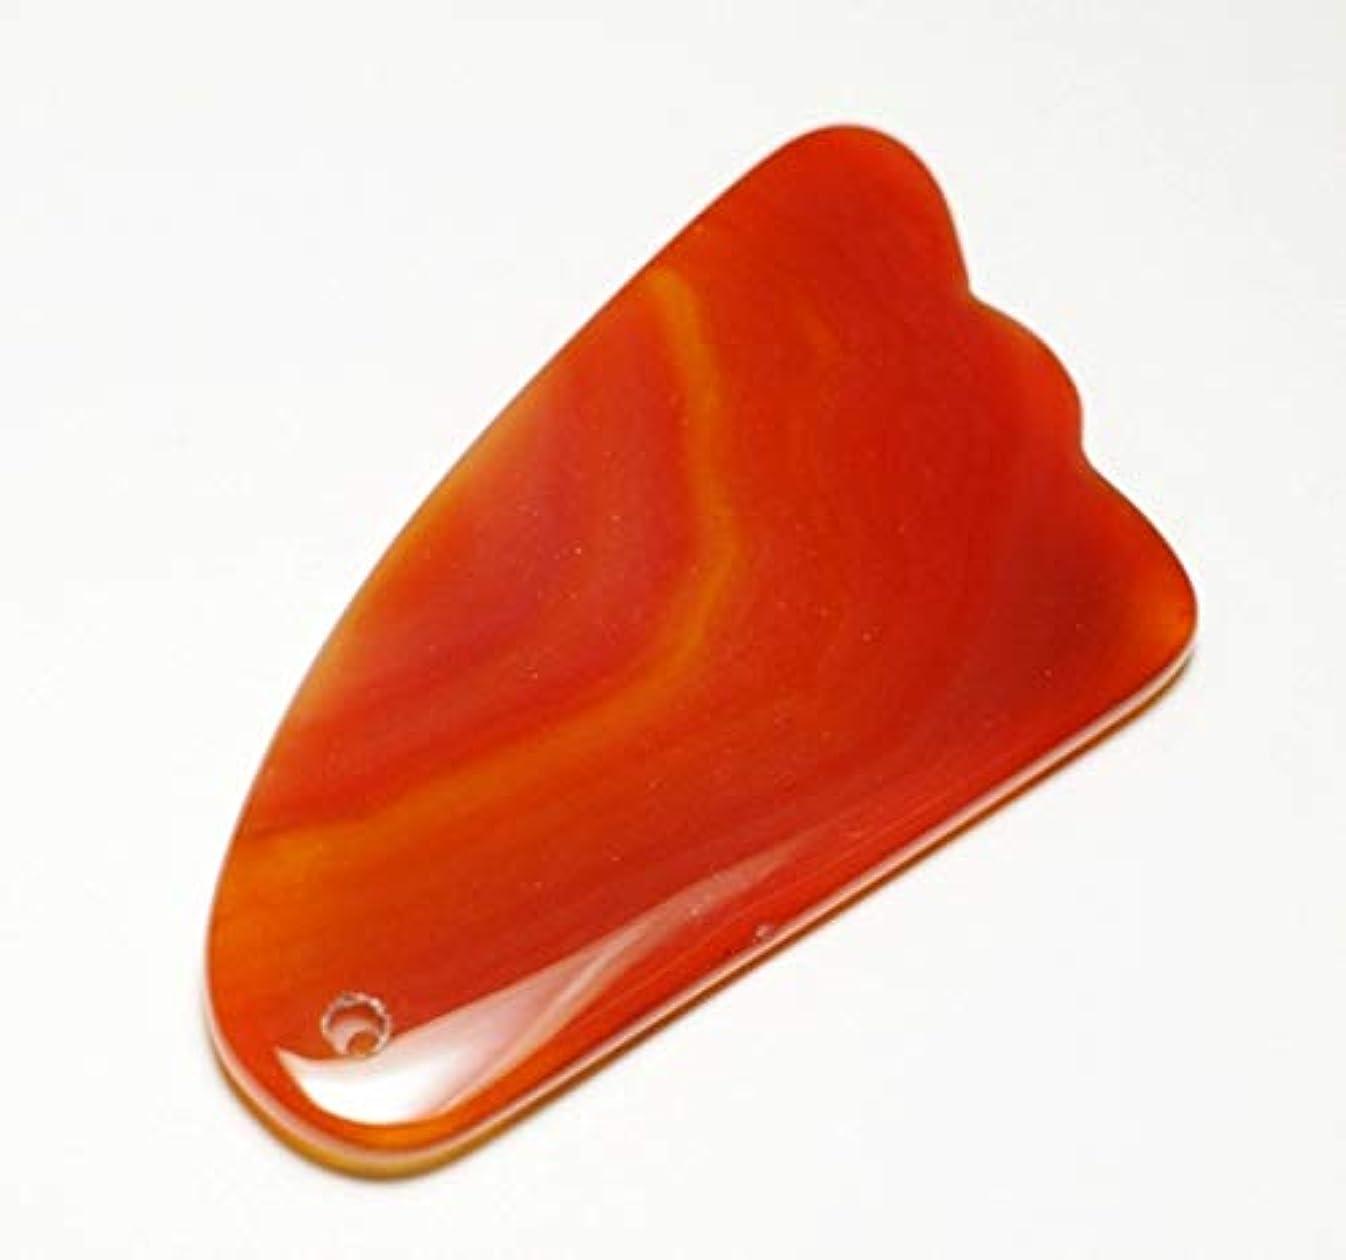 フロー規模ボイコットカーネリアン かっさ 羽型 Shylph 美と健康に マッサージ 赤瑪瑙カッサ